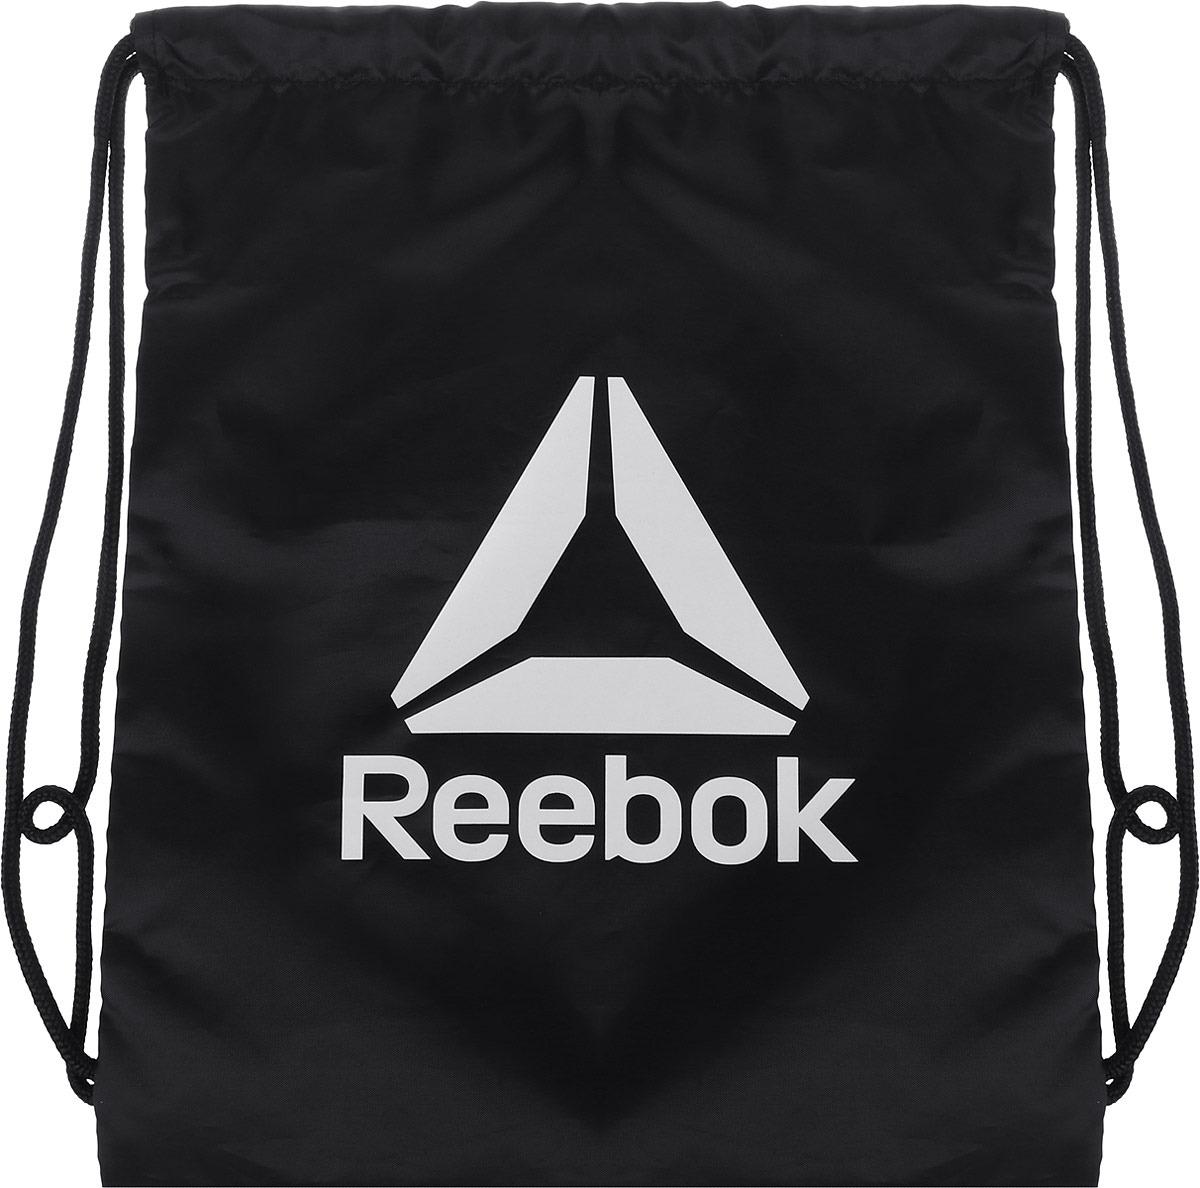 Рюкзак Reebok Act Fon Gymsack, цвет: черный. DU2974 рюкзак мешок nike fb gymsack 3 0 ba5094 435